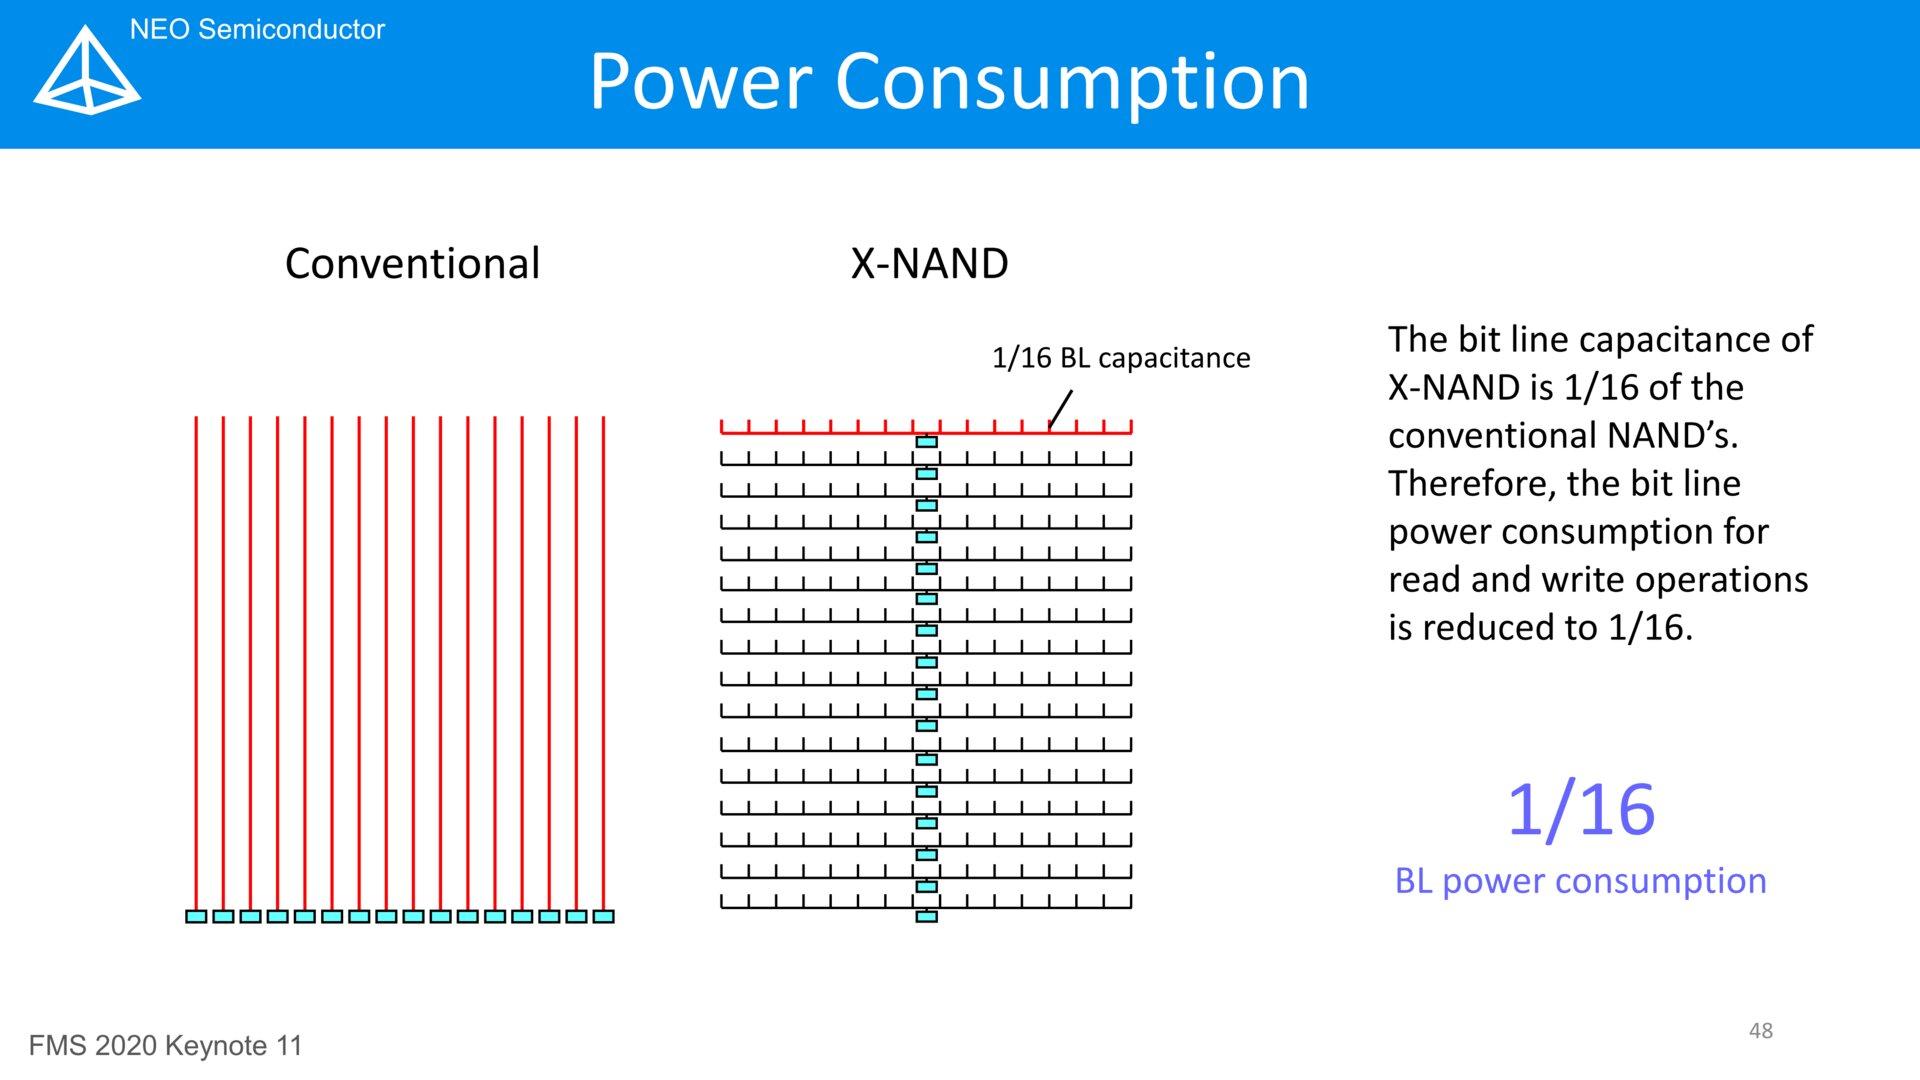 X-NAND Leistungsaufnahme